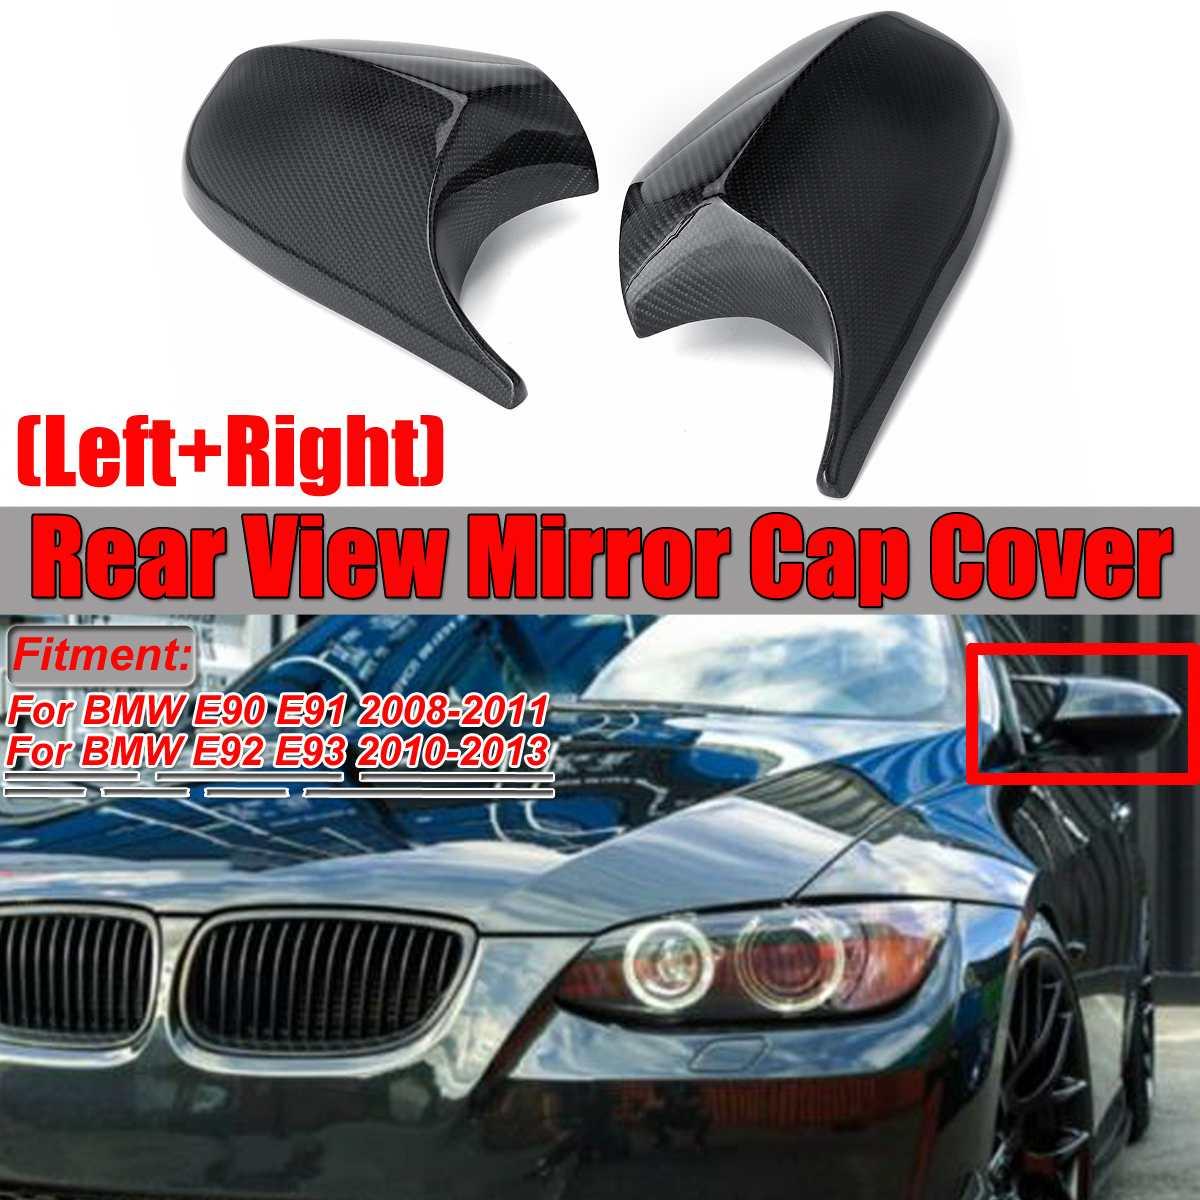 2PCS אמיתי סיבי פחמן/ABS מראה כיסוי E90 רכב Rearview מראה כובע כיסוי ישיר להחליף עבור BMW E90 e91 08-11 E92 E93 10-13 LCI